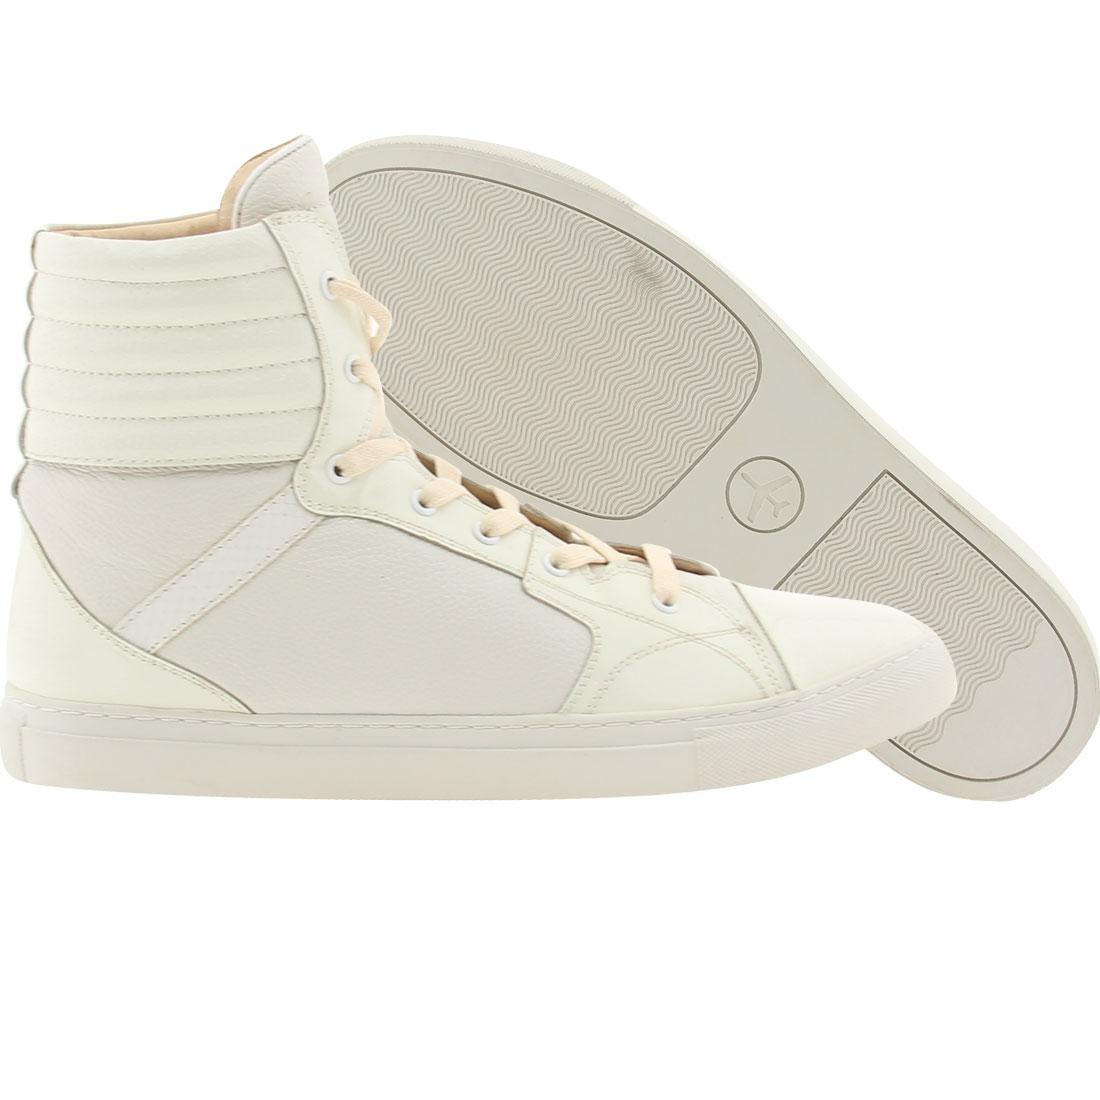 【海外限定】スニーカー 靴 【 PASSPORT PIAZZA FROST WHITE 】